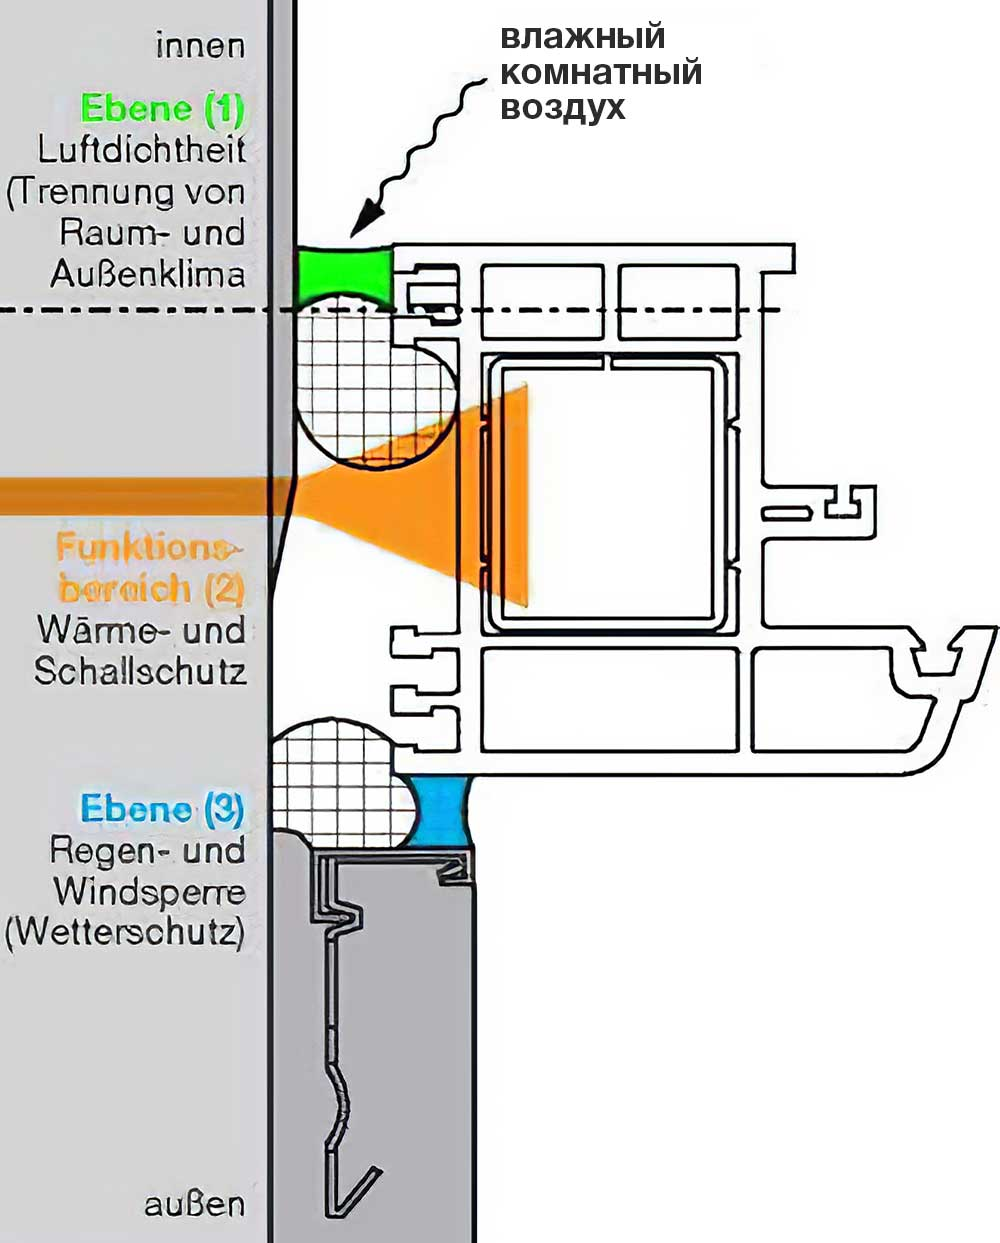 подход с 3-мя функциональными уровнями защиты и герметизации монтажного шва